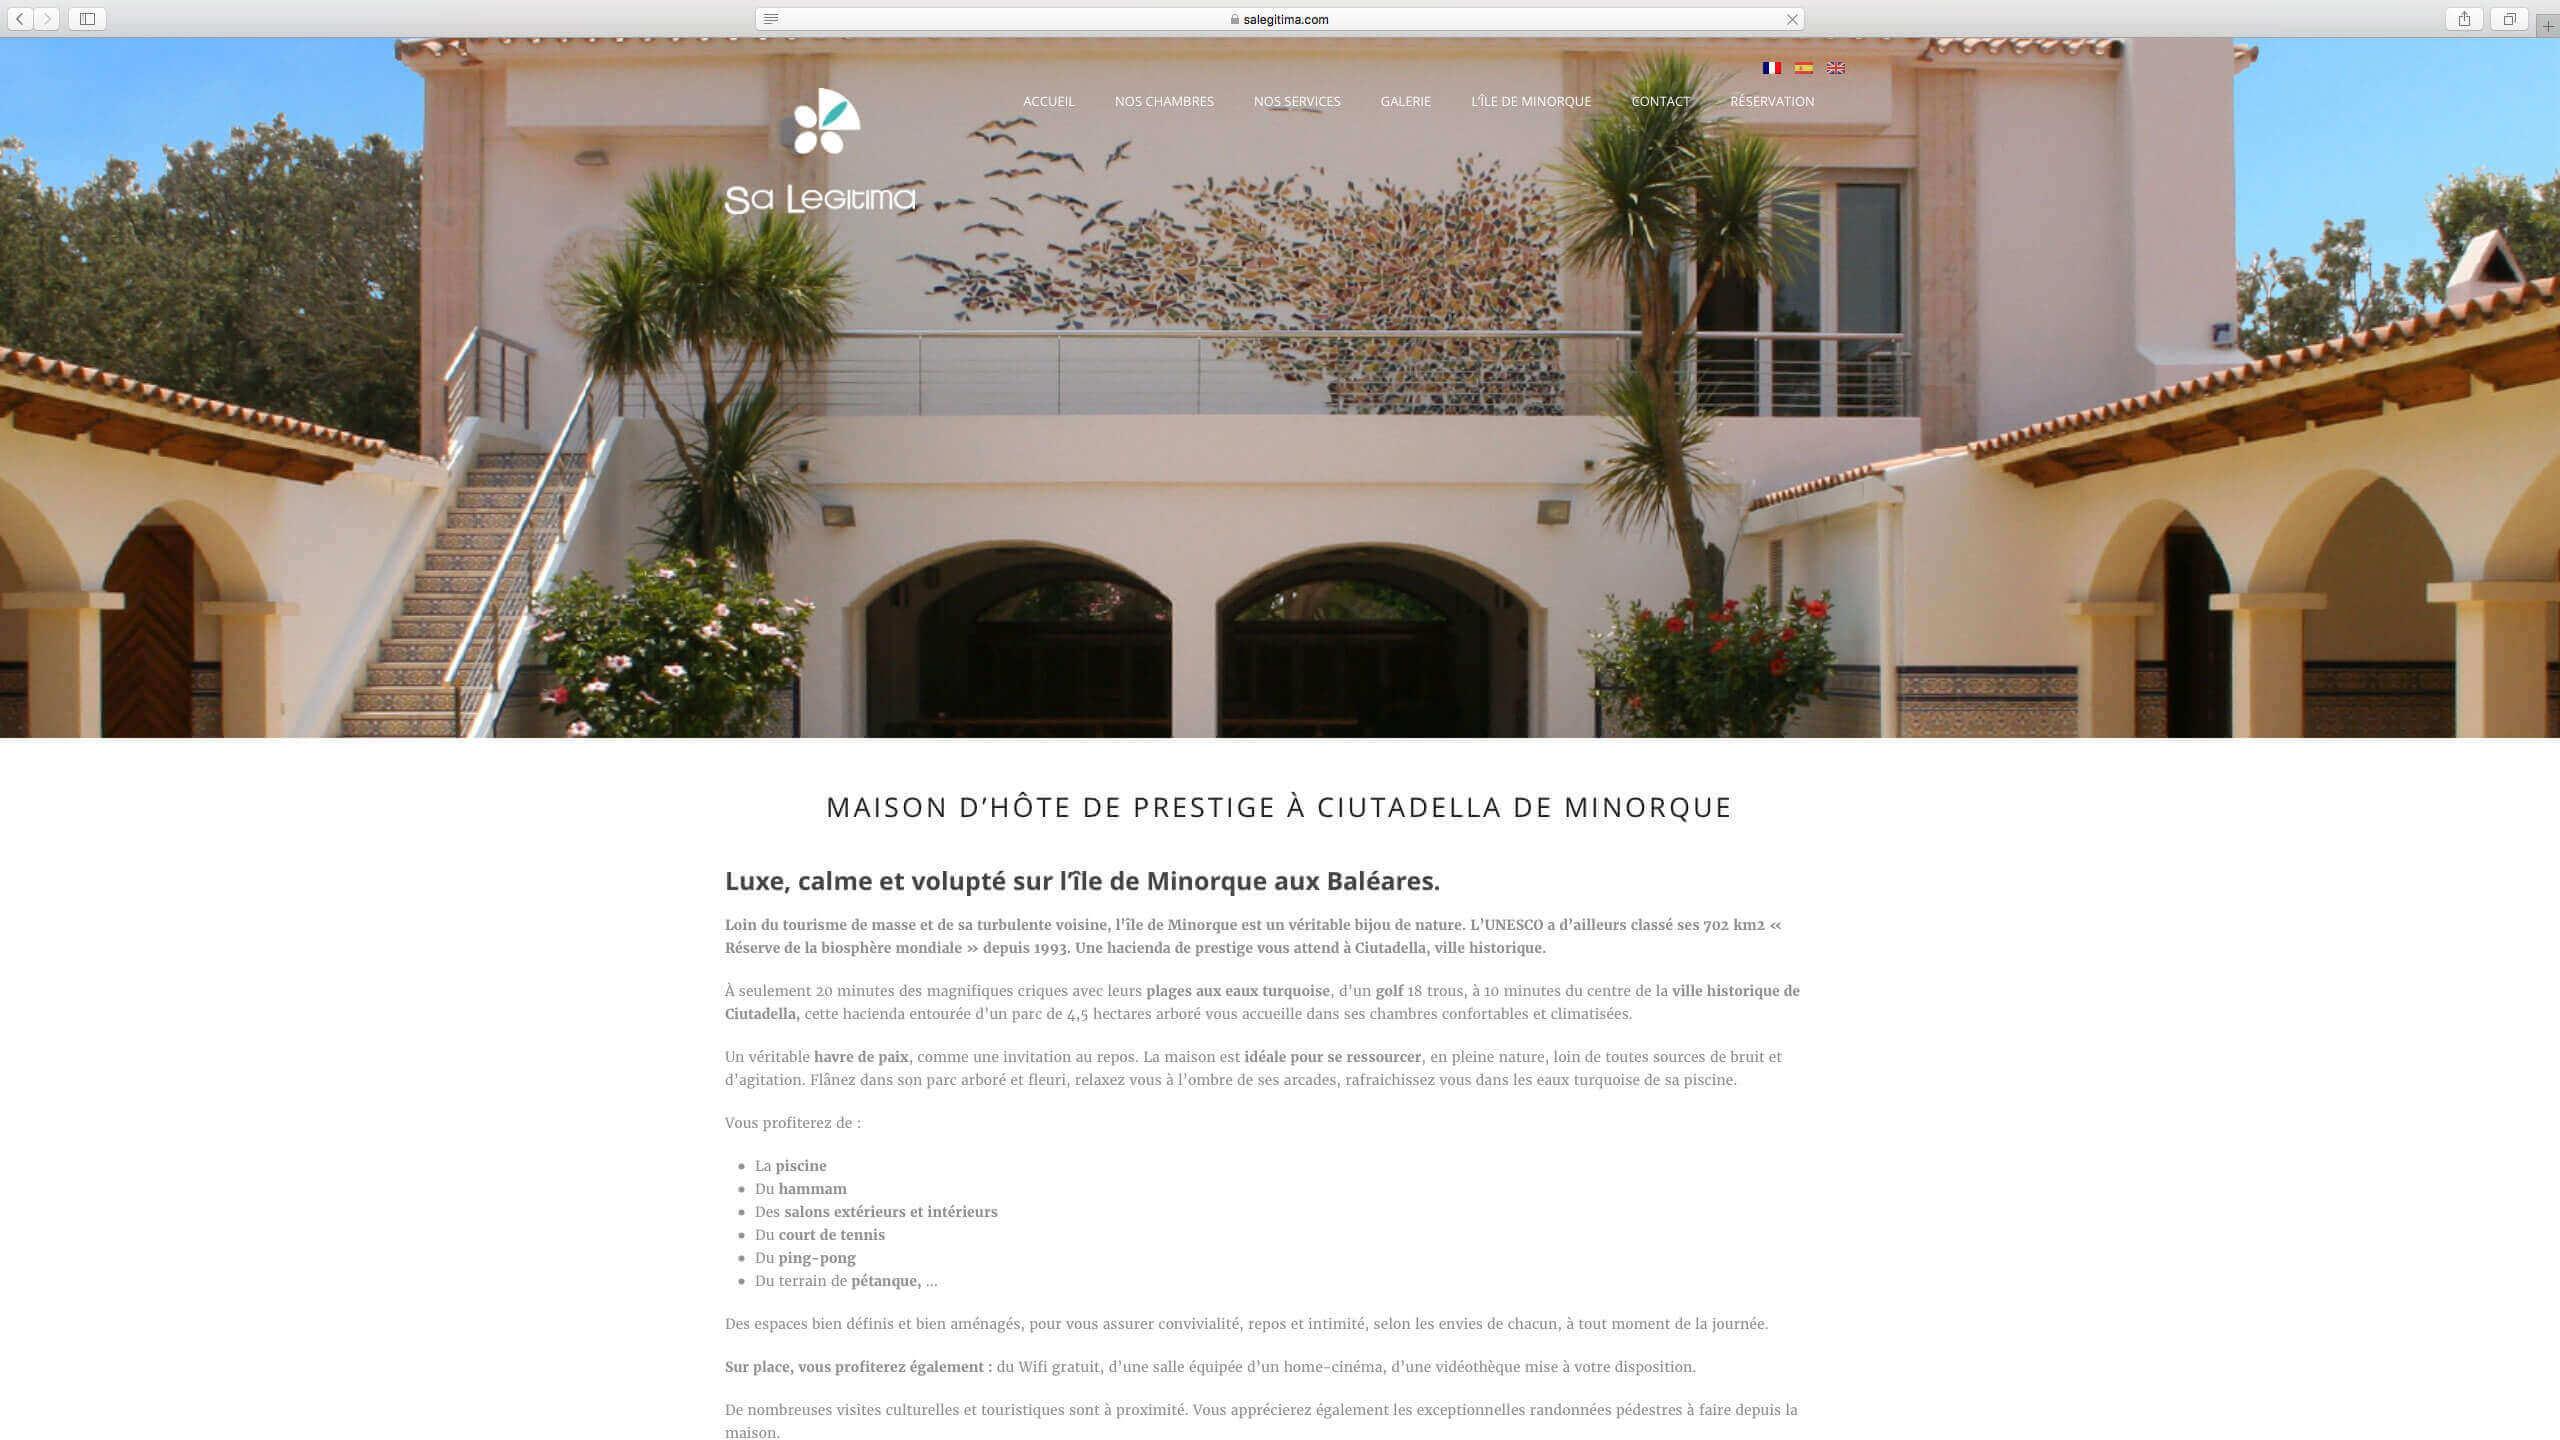 Capture d'écran du site internet SA Legitima réalisé par Kevin de Sousa